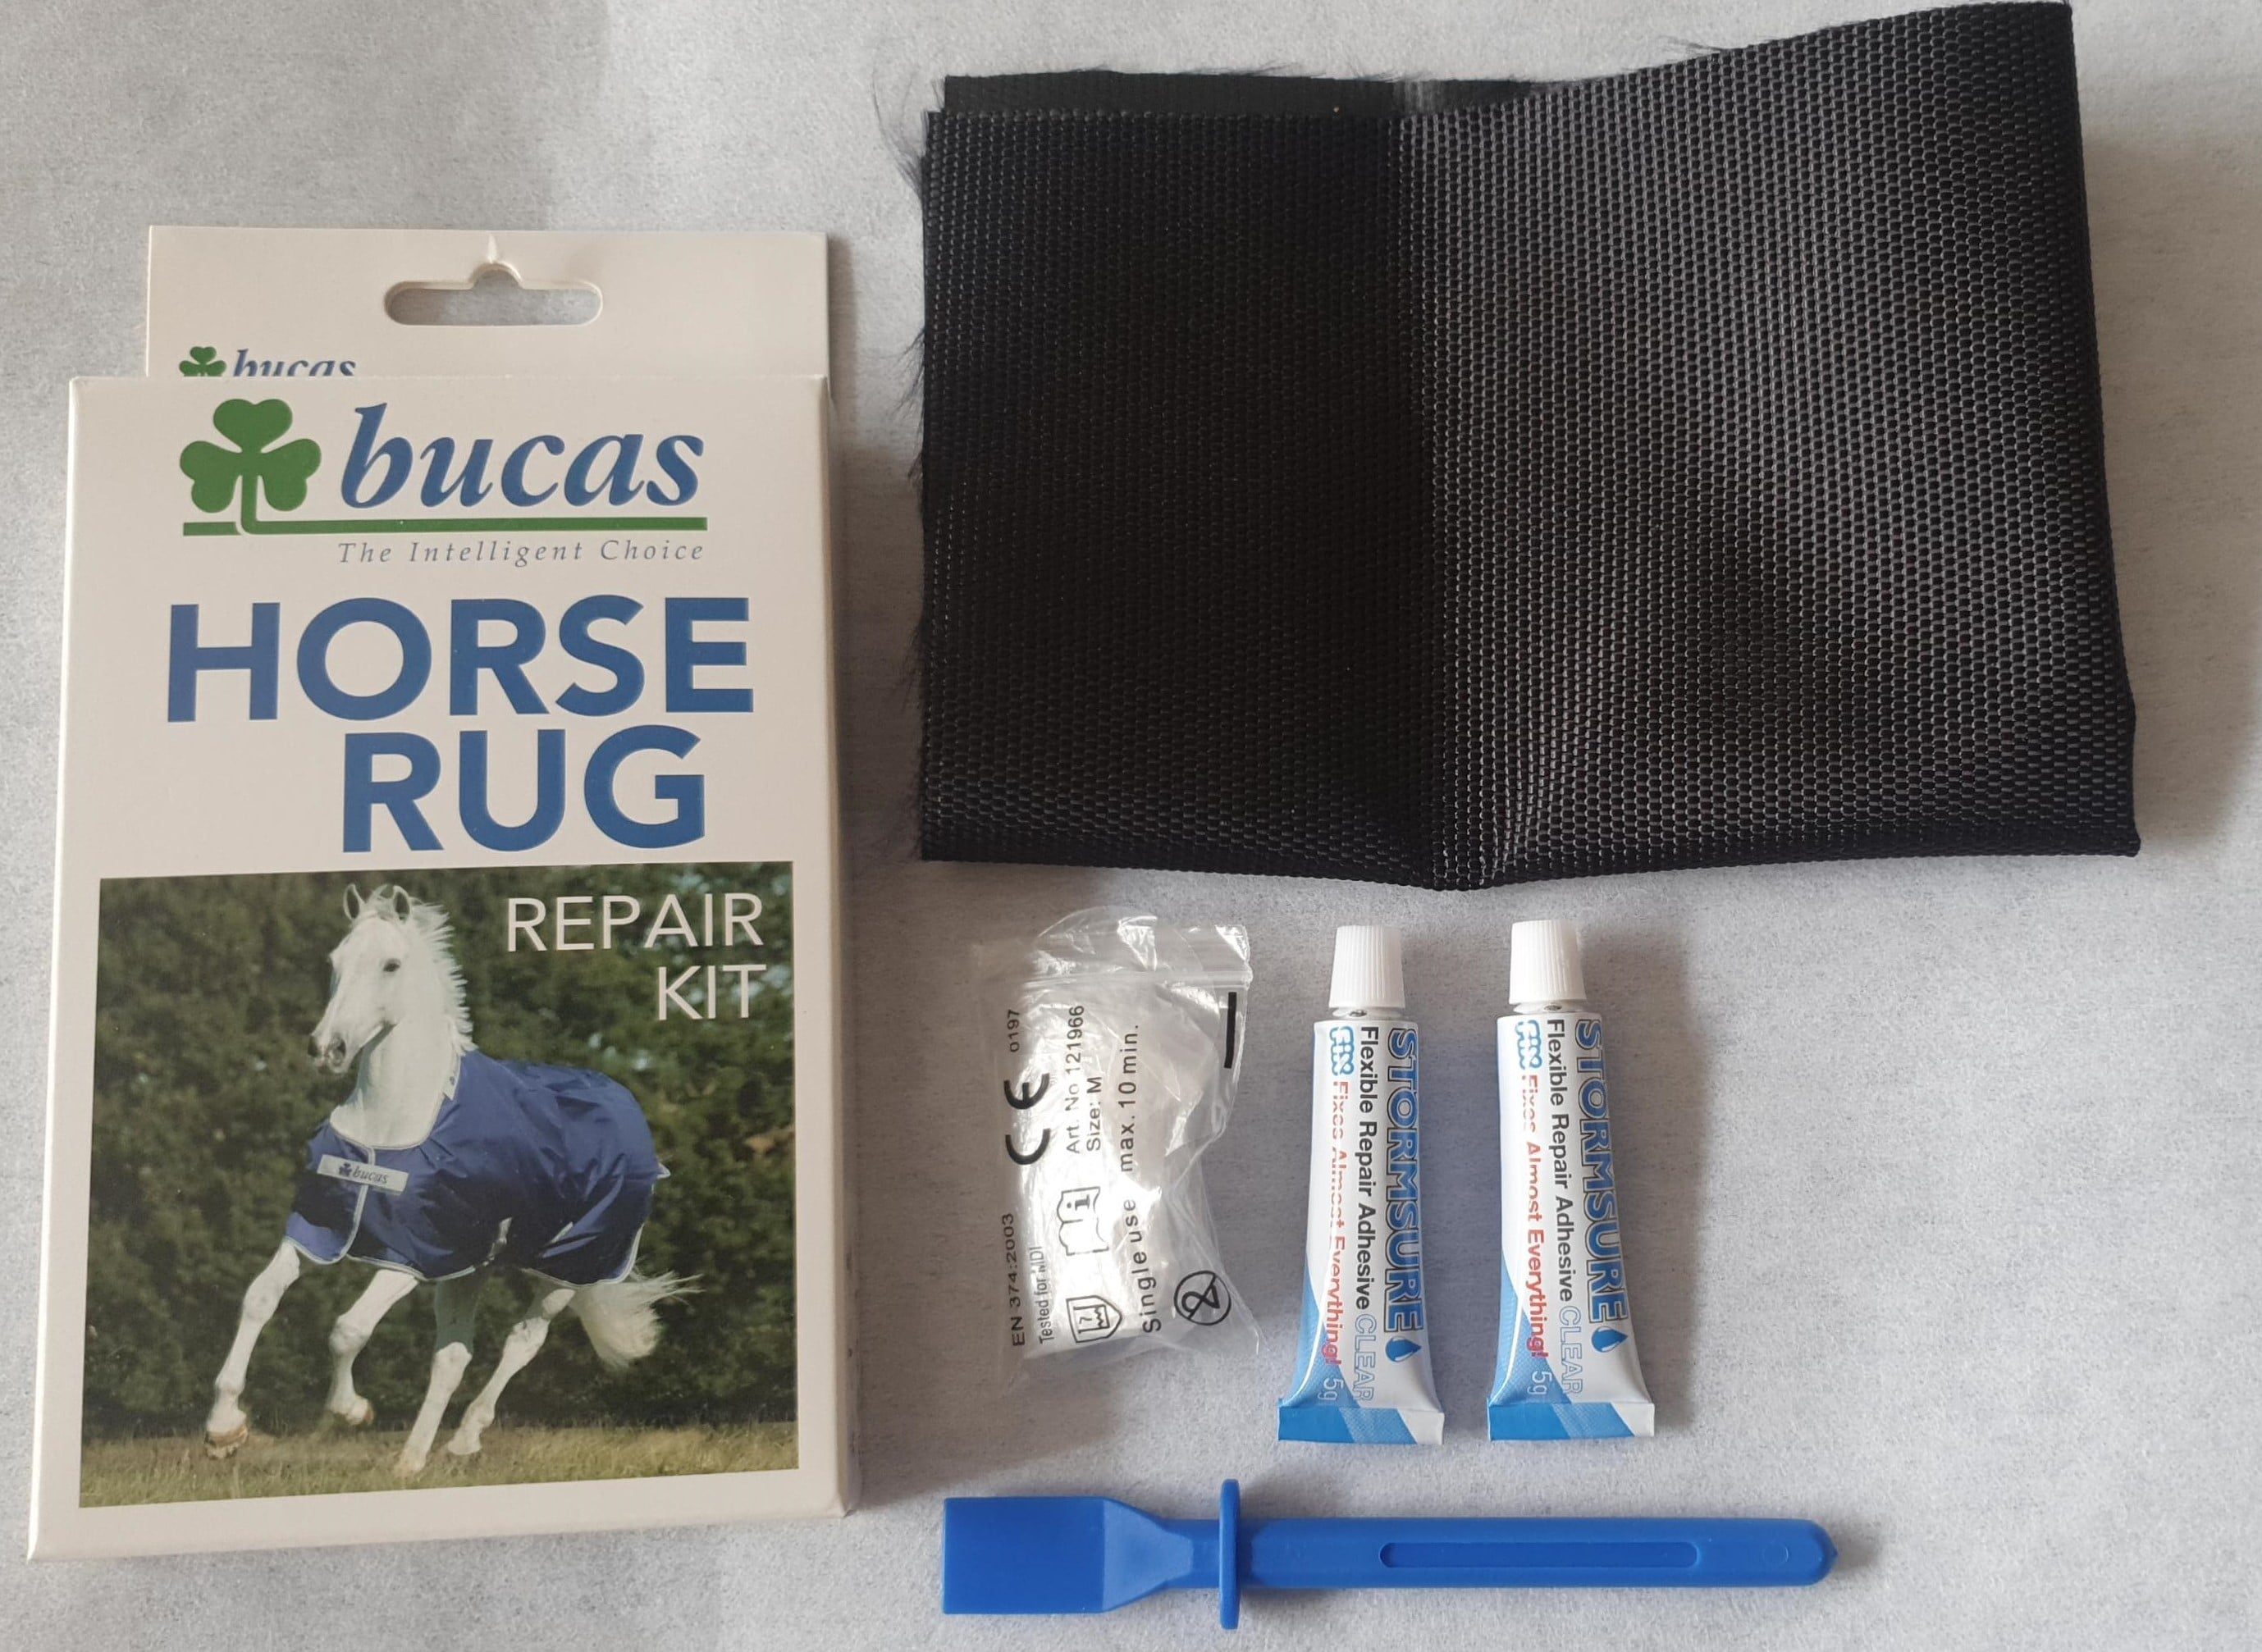 Bucas Repair Kit